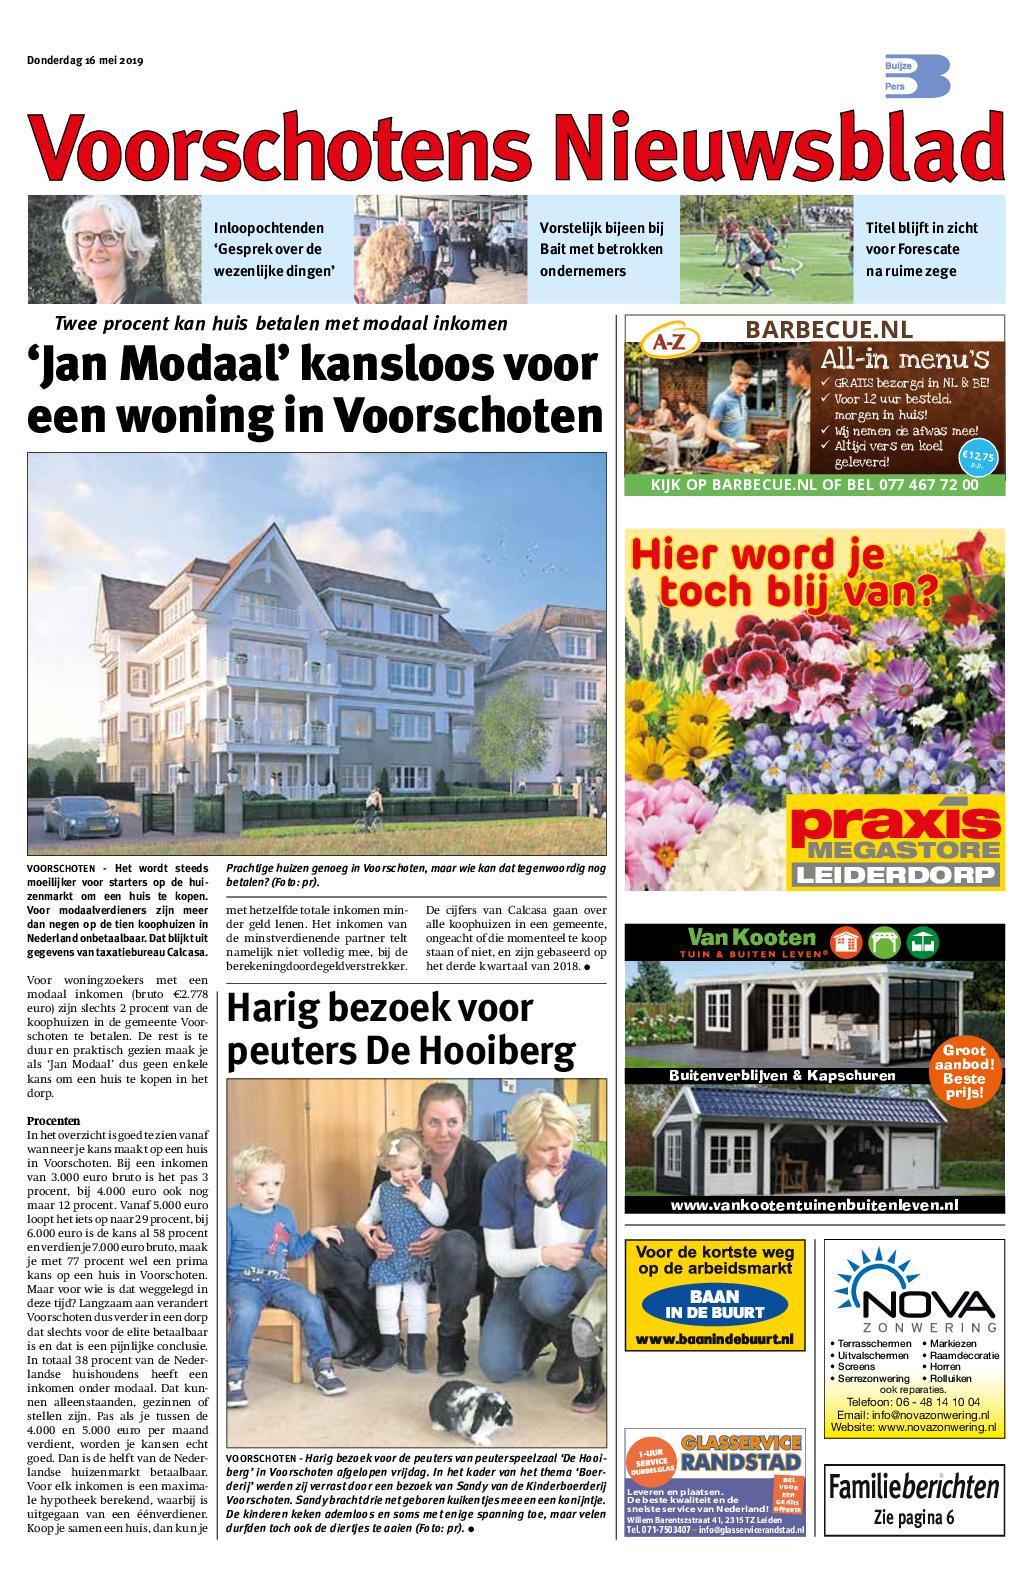 Calaméo Voorschotens Nieuwsblad 16 05 2019